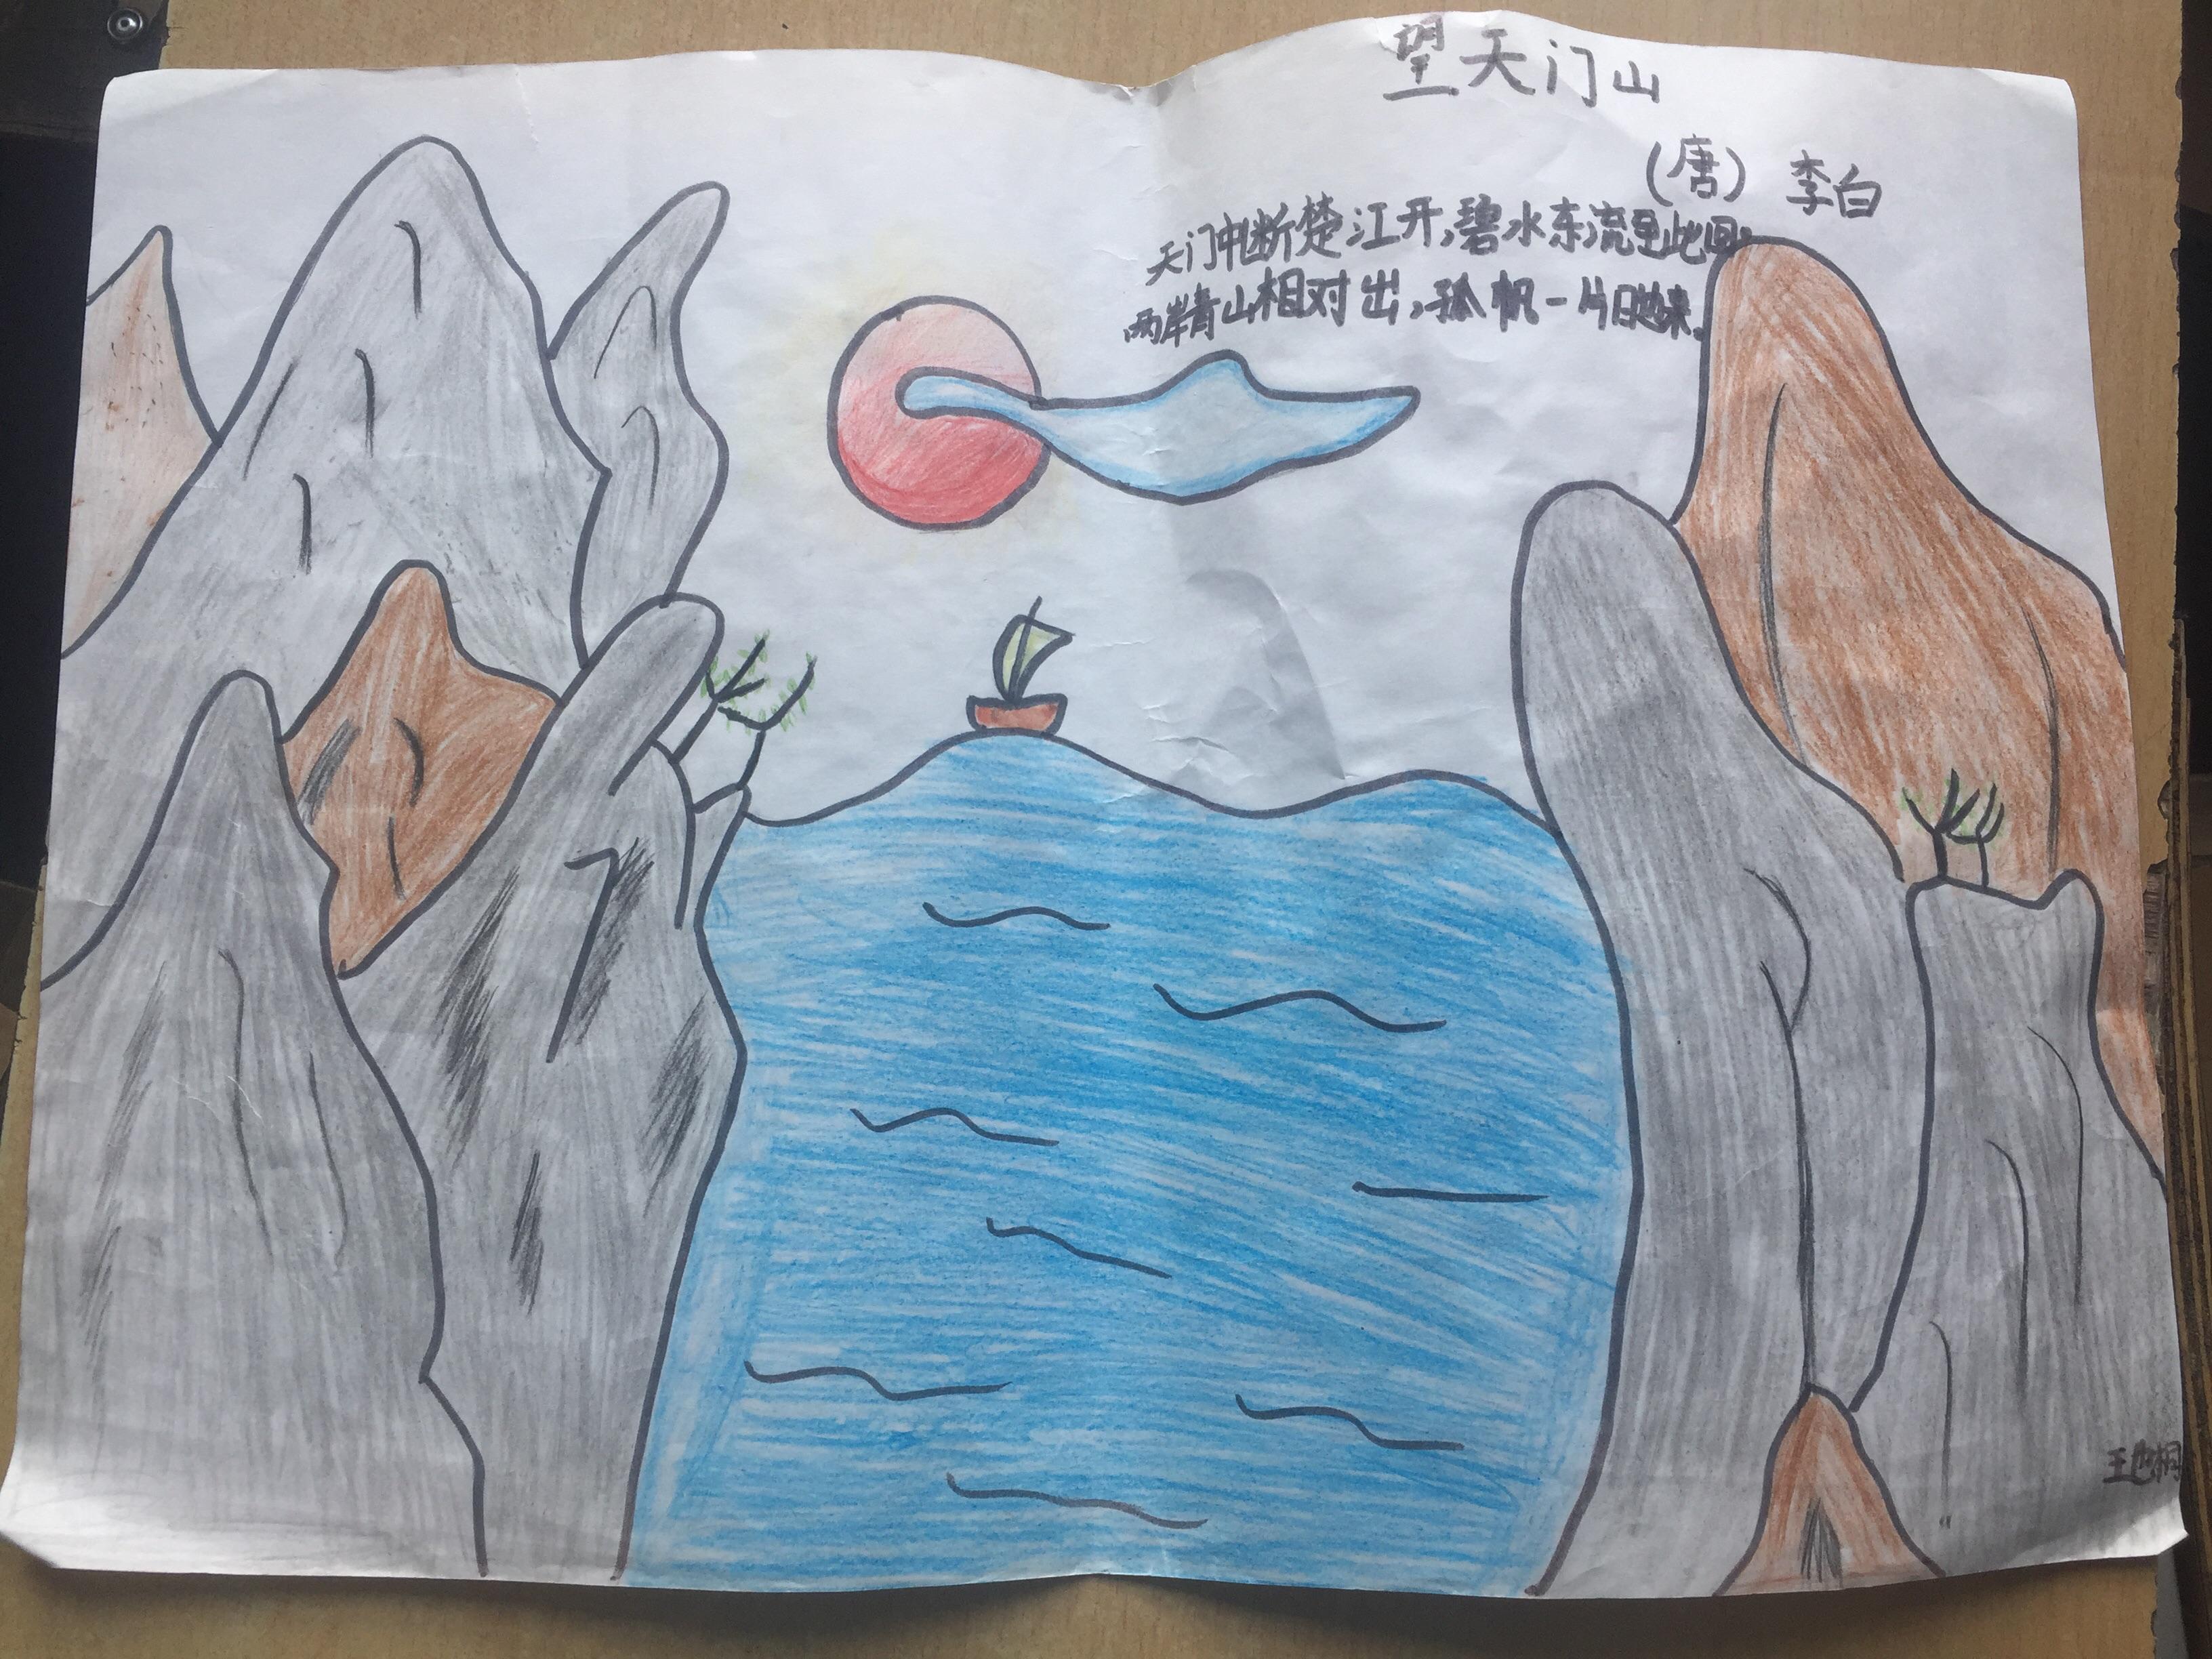 然后遇到描写风景的诗,孩子们根据意境,自己画一幅画,然后配上古诗.